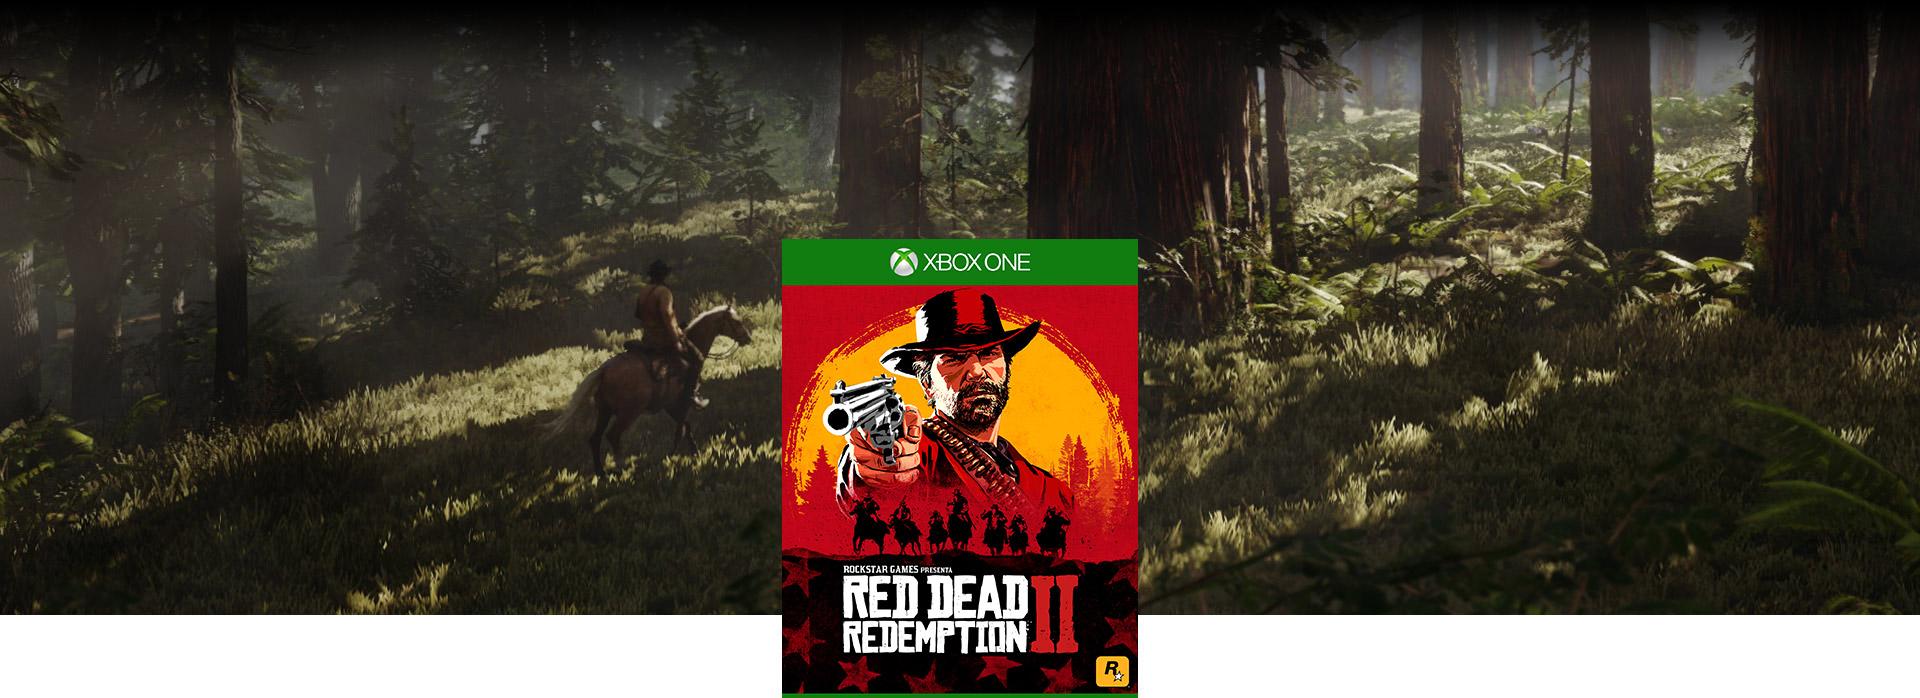 Imagen de la caja de Red Dead Redemption 2 con un personaje montado a caballo que anda por unos bosques en el fondo